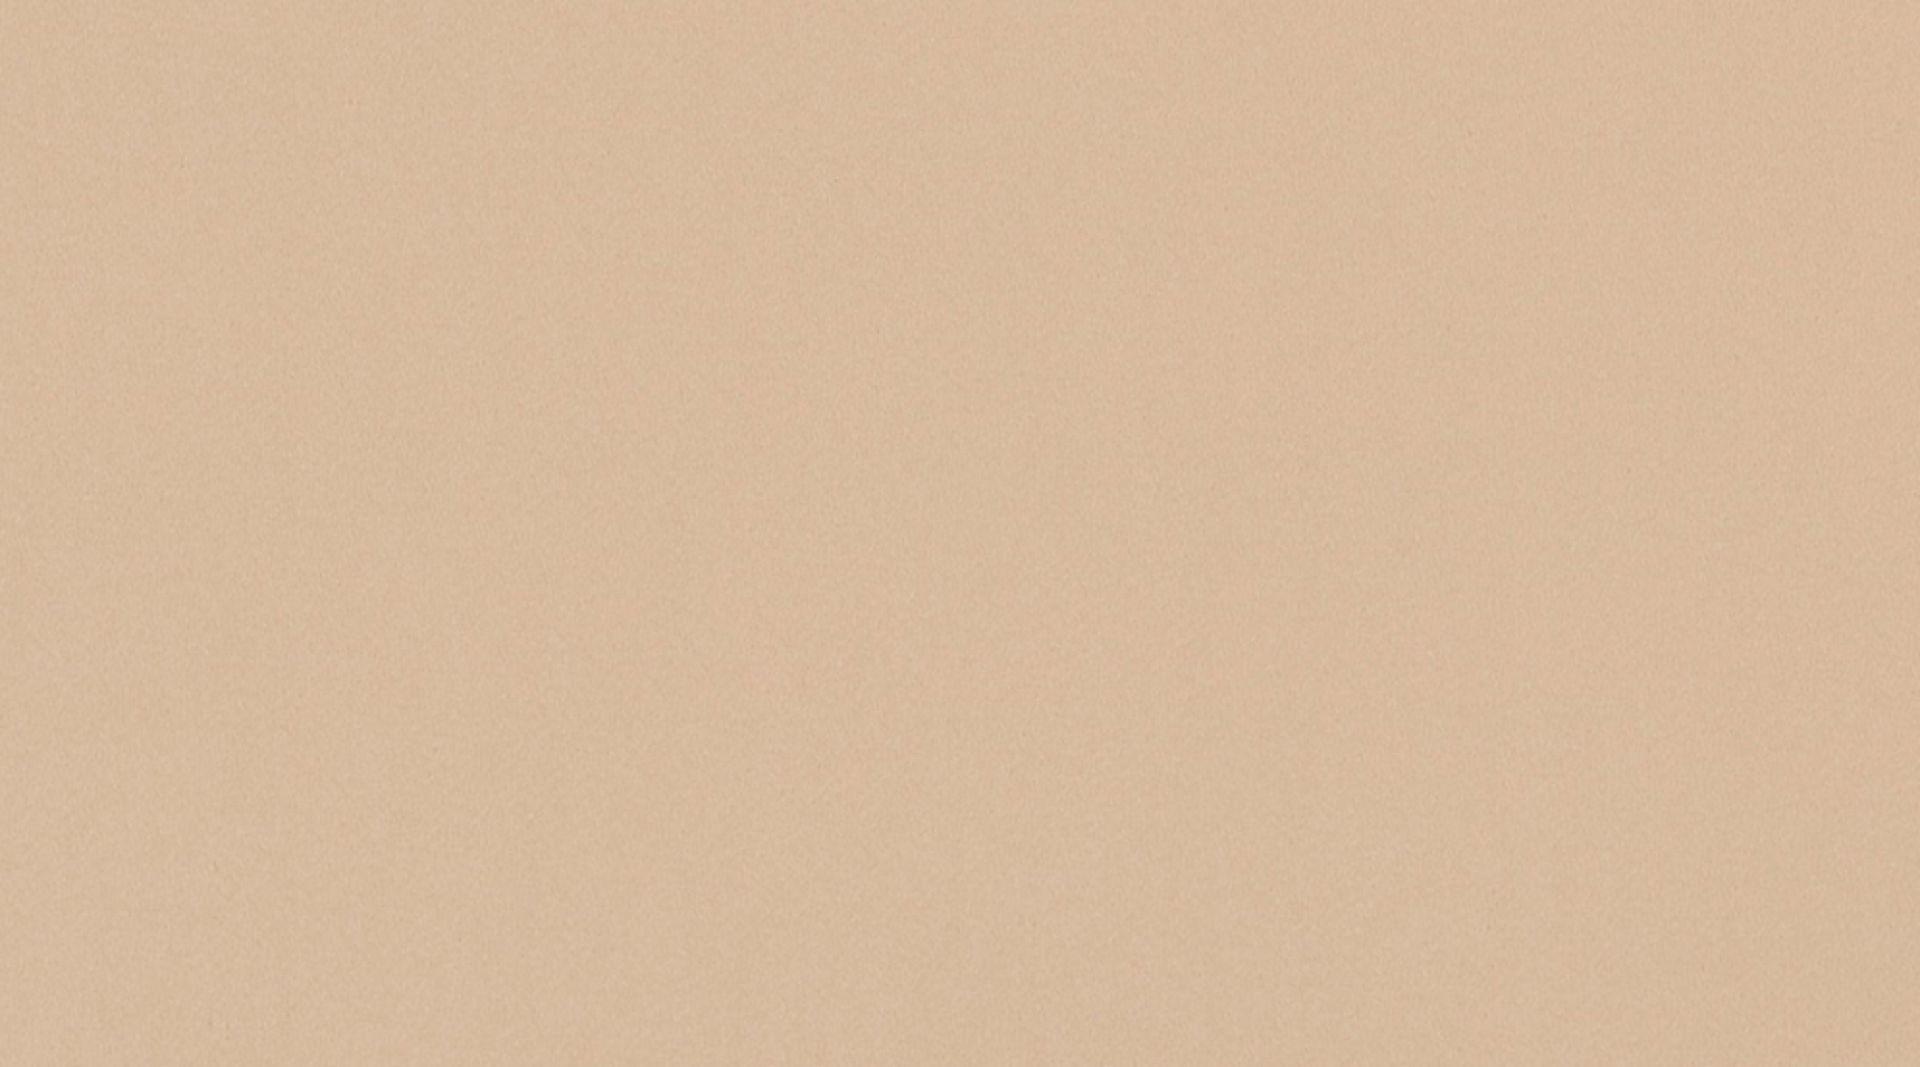 0833 beige